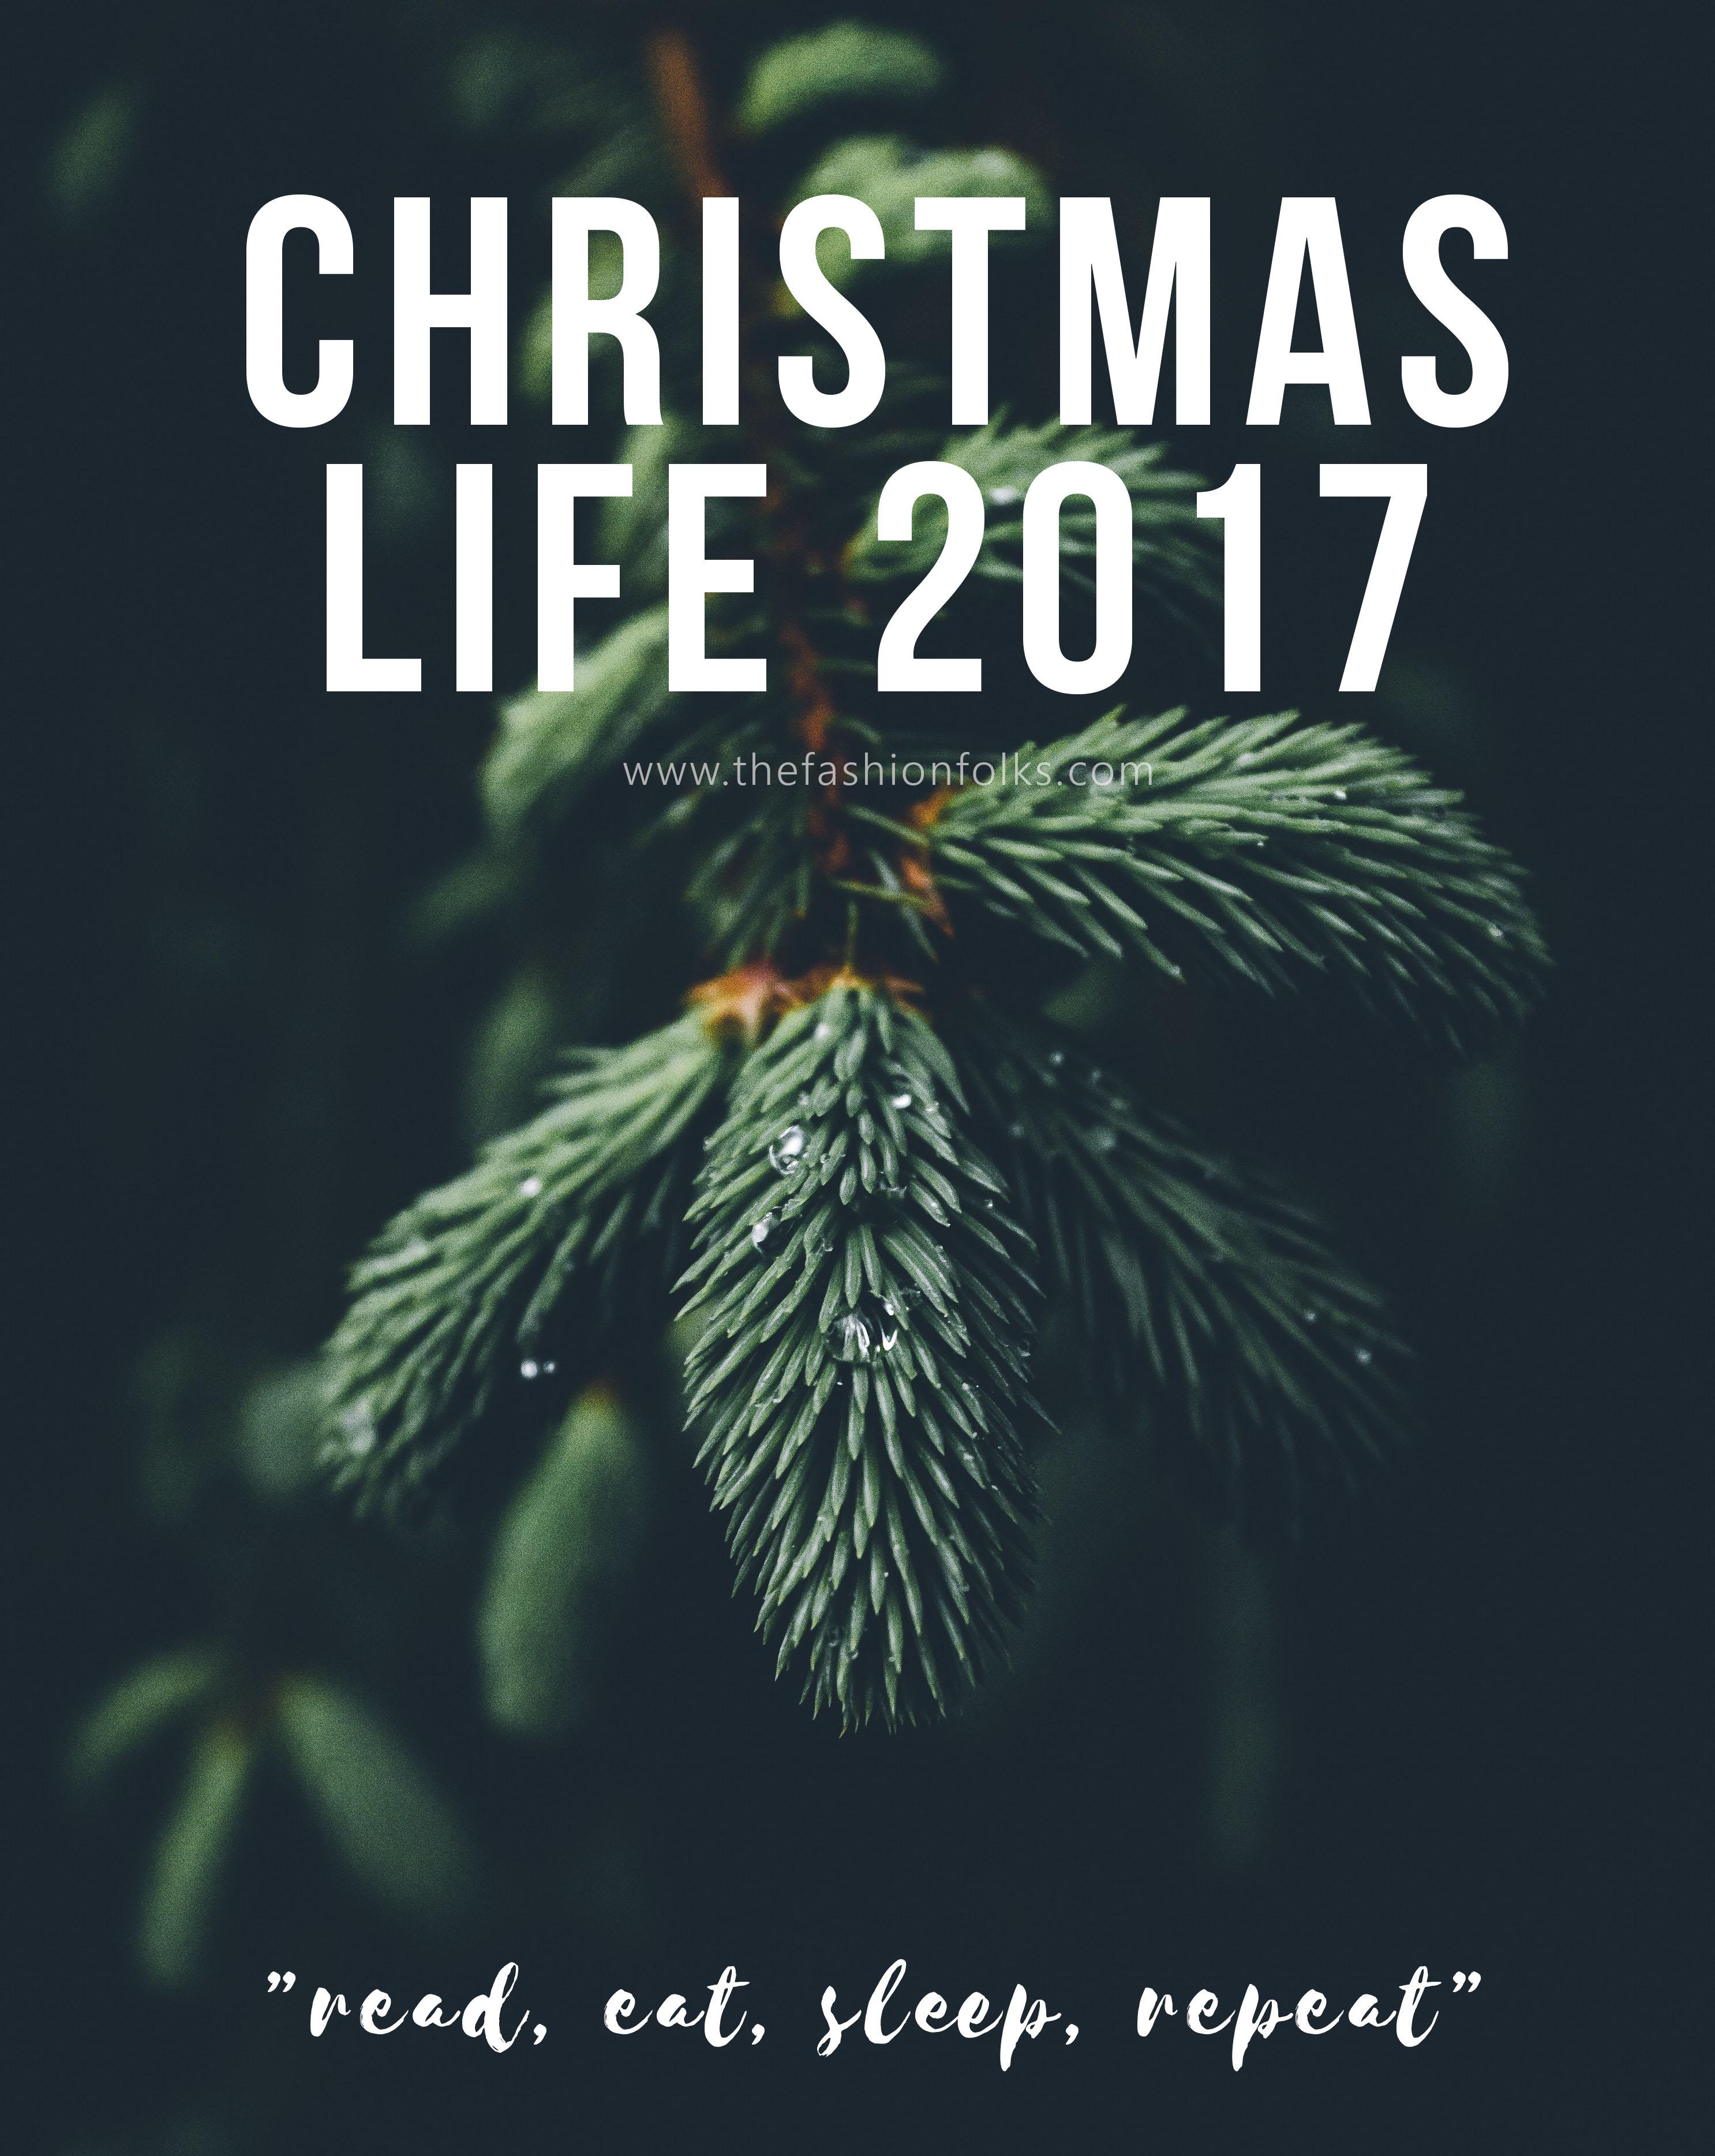 Christmas Life 2017